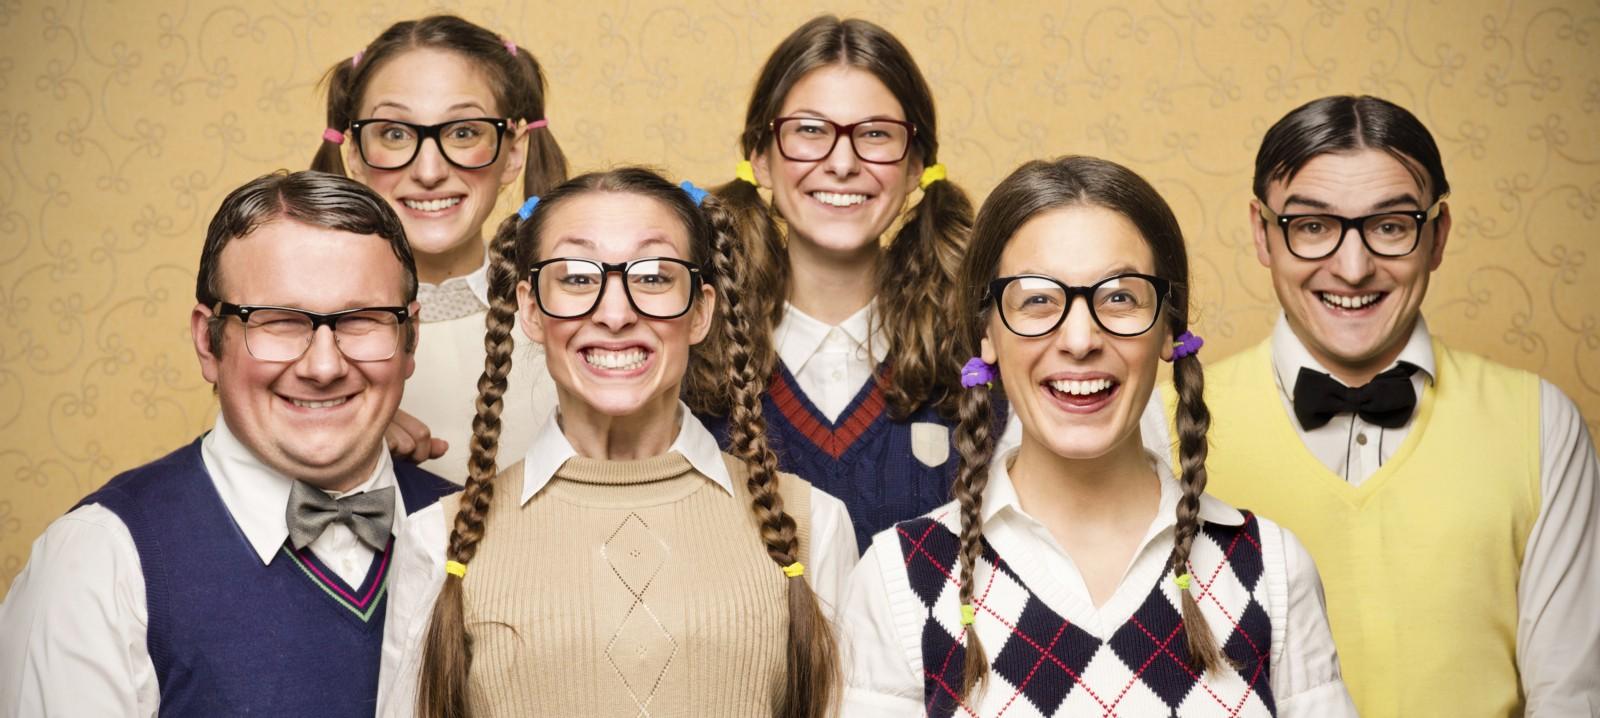 nerds.jpeg